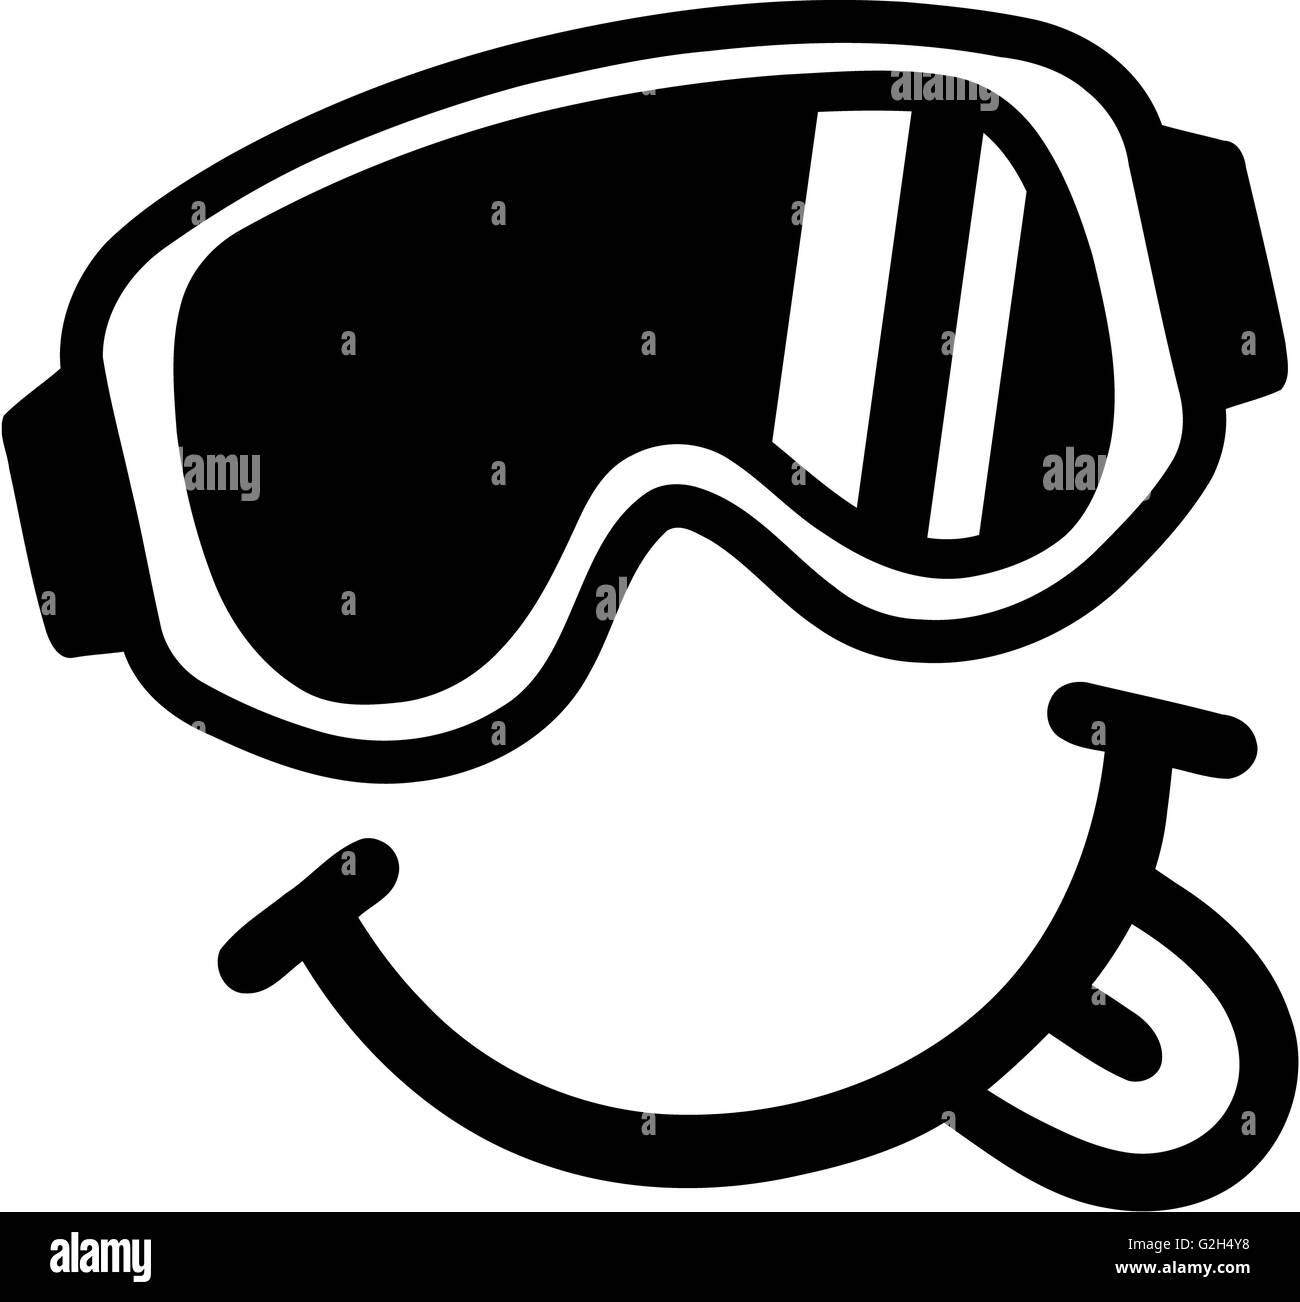 Smiley Ski Goggles Tounge - Stock Image